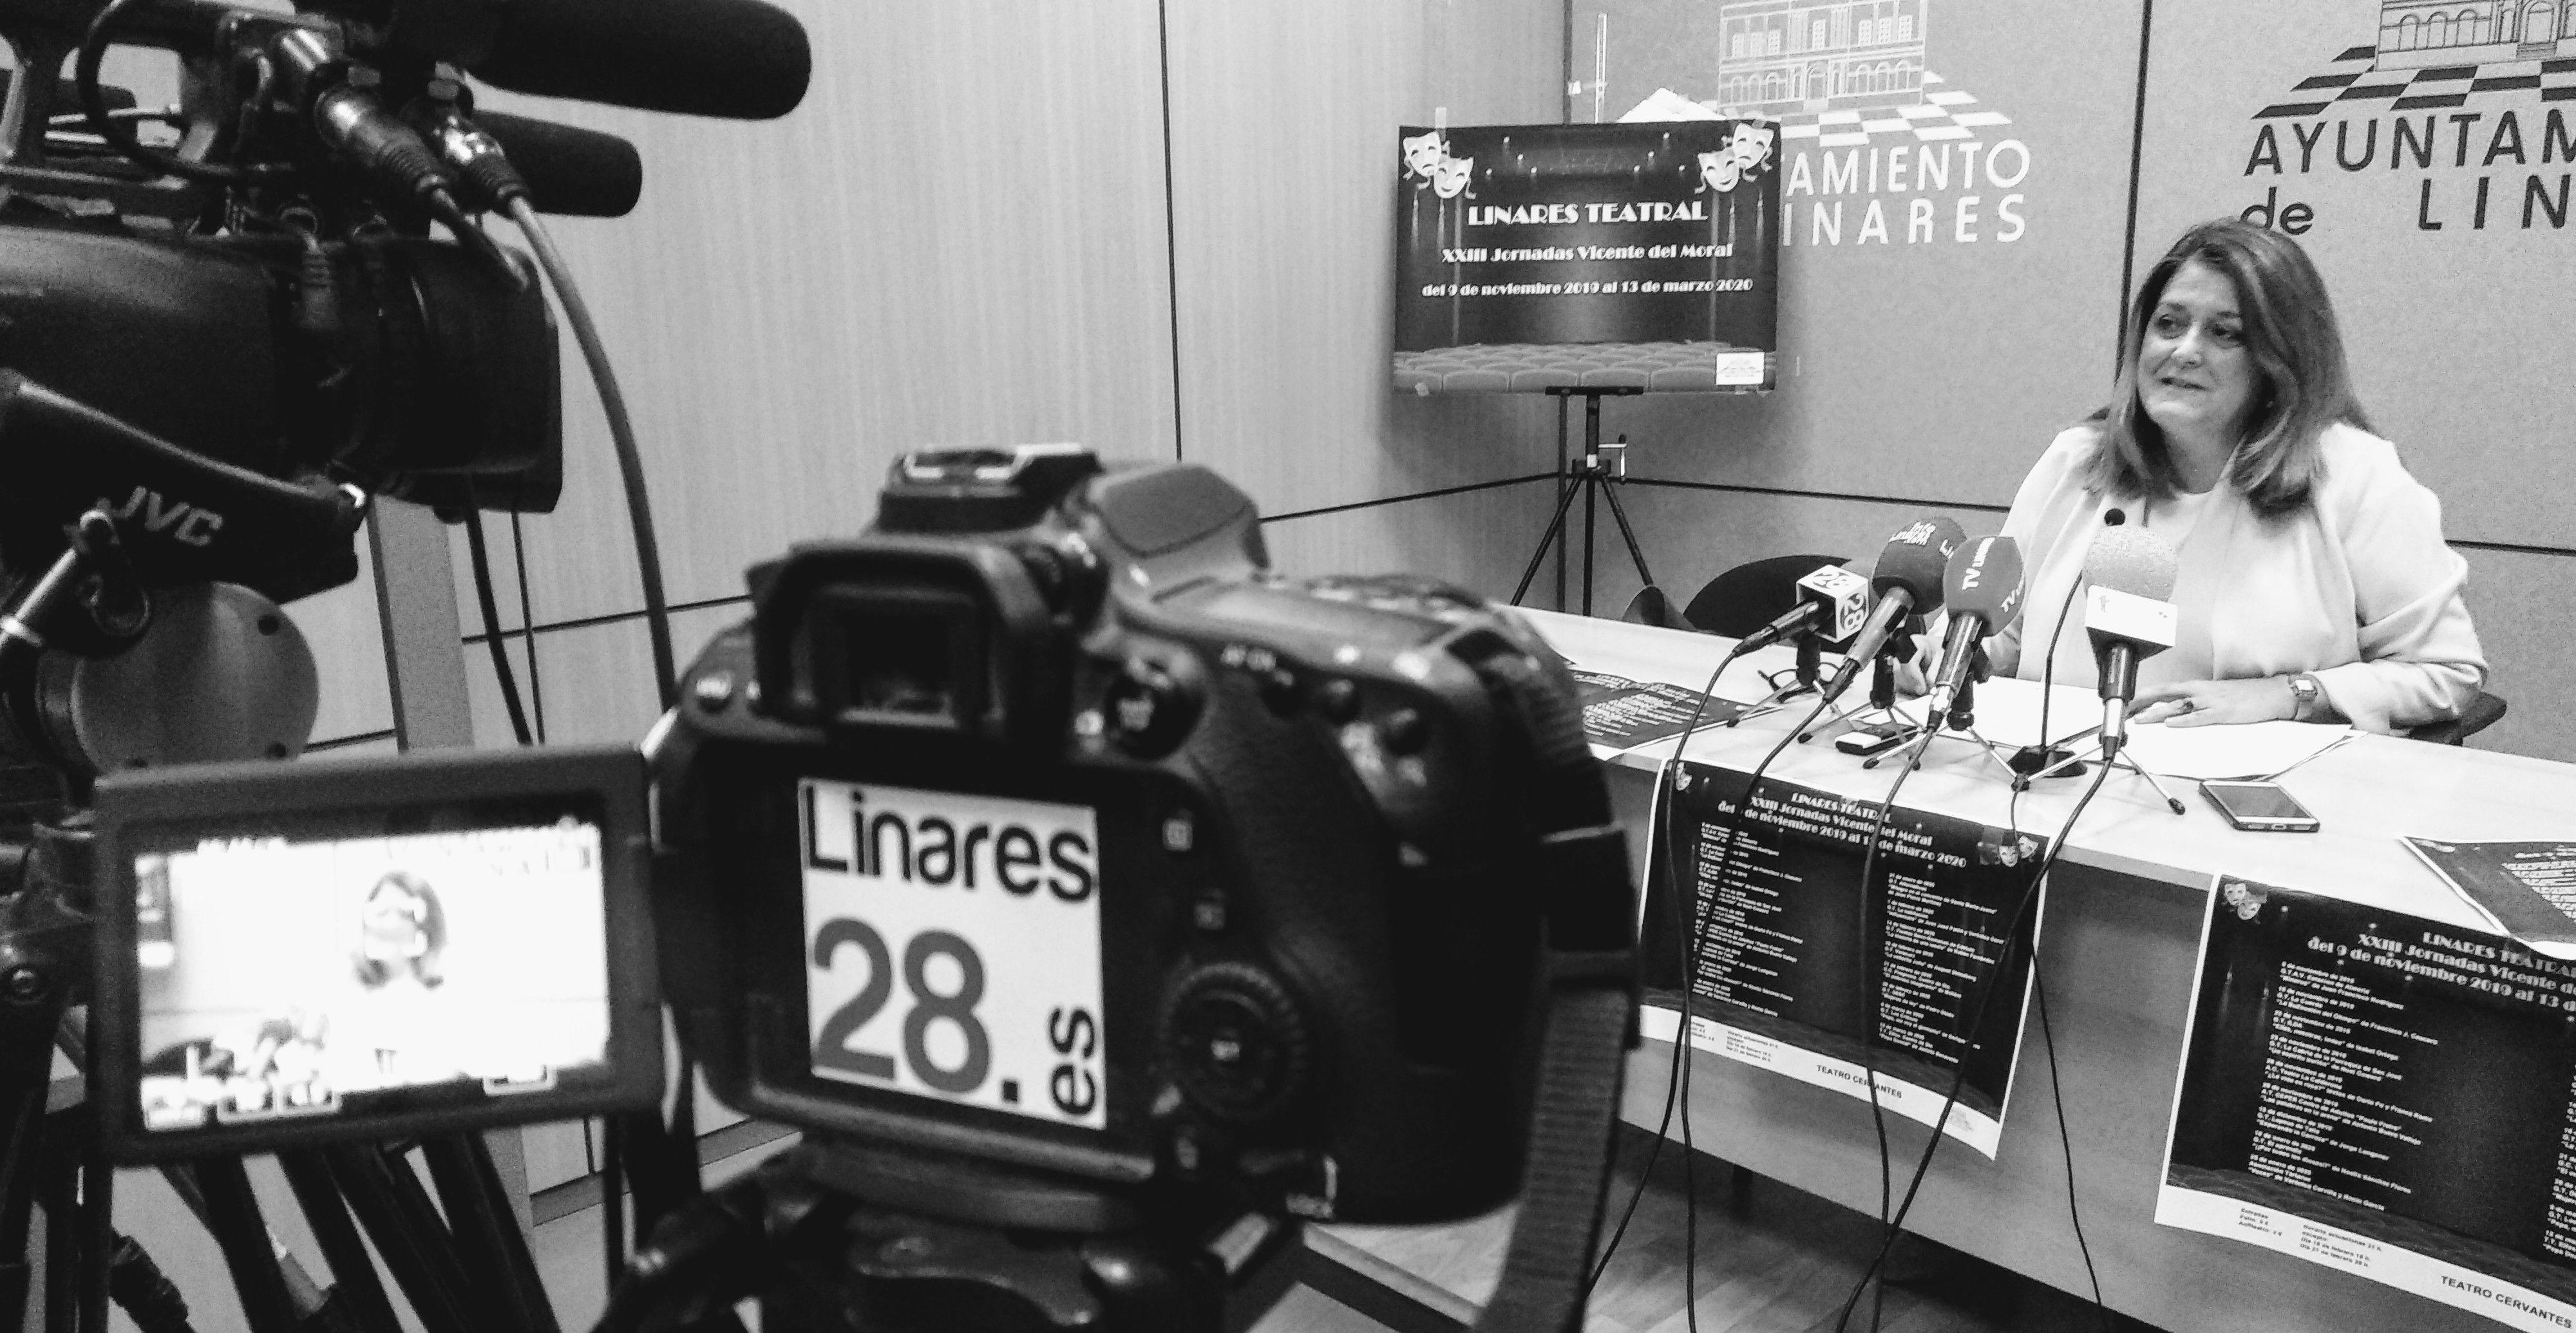 ESTÁ PASANDO | En estos momentos presentación de las jornadas 'Linares Teatral'